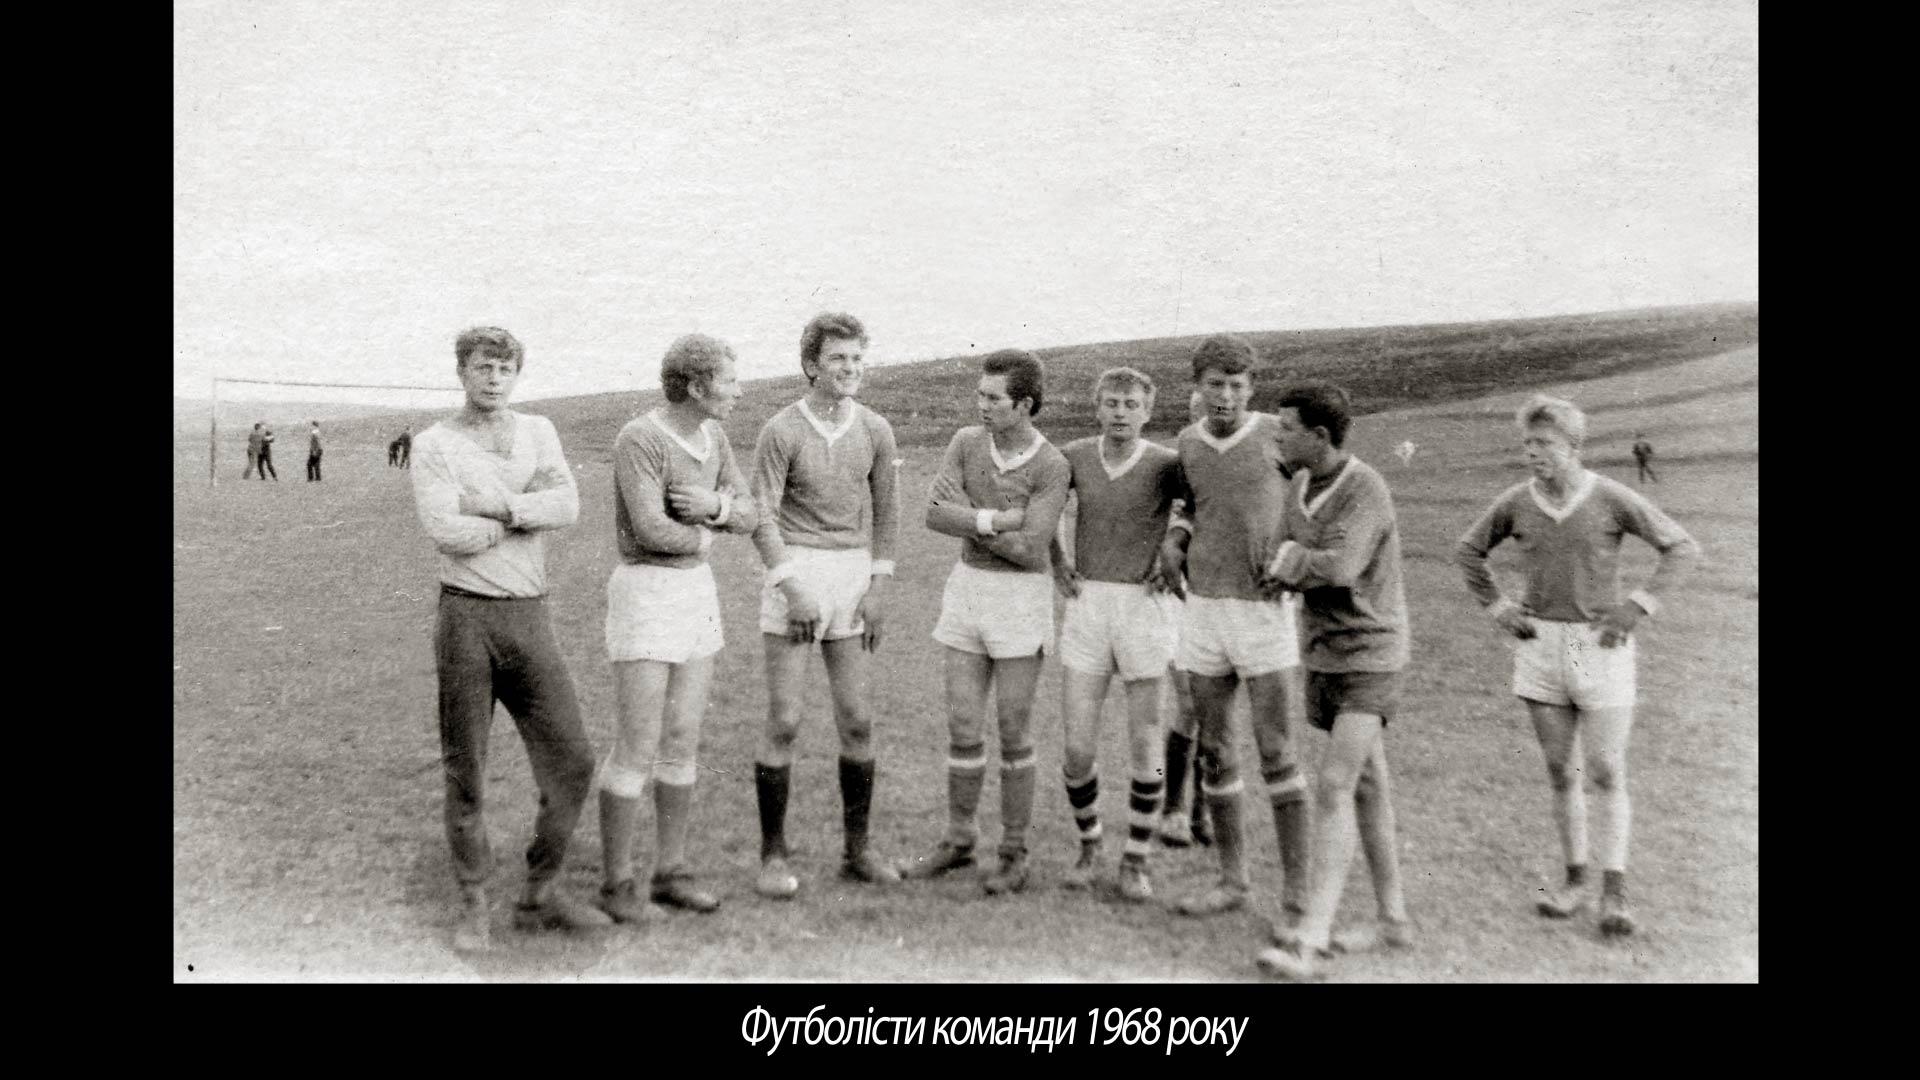 Футболісти команди 1968 року